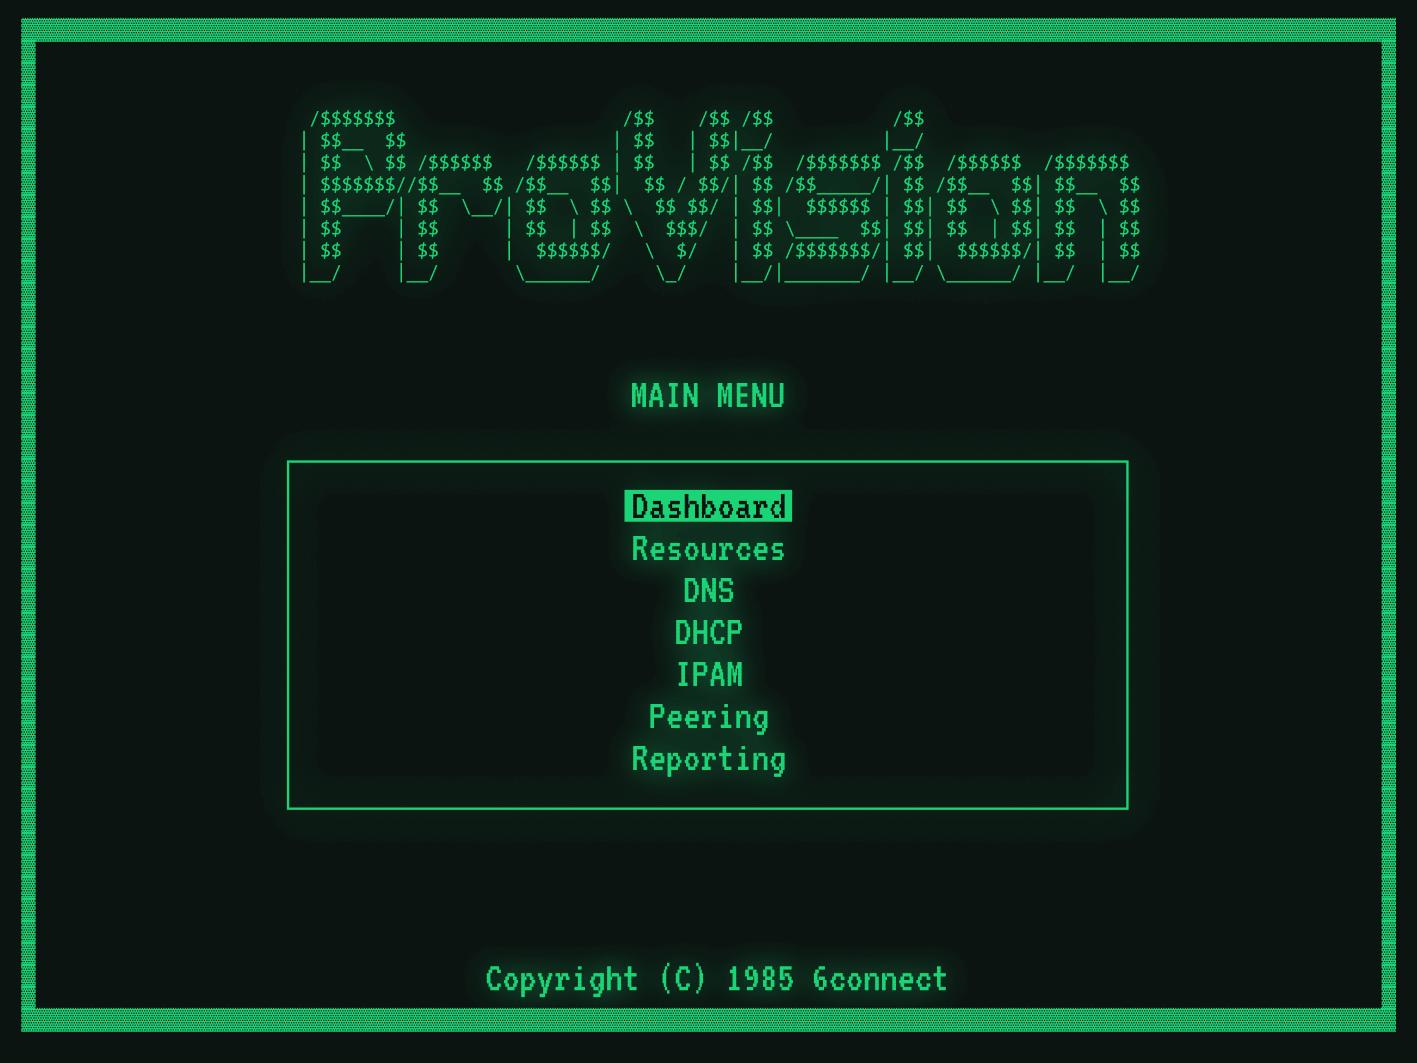 Main menu screen in MS-DOS